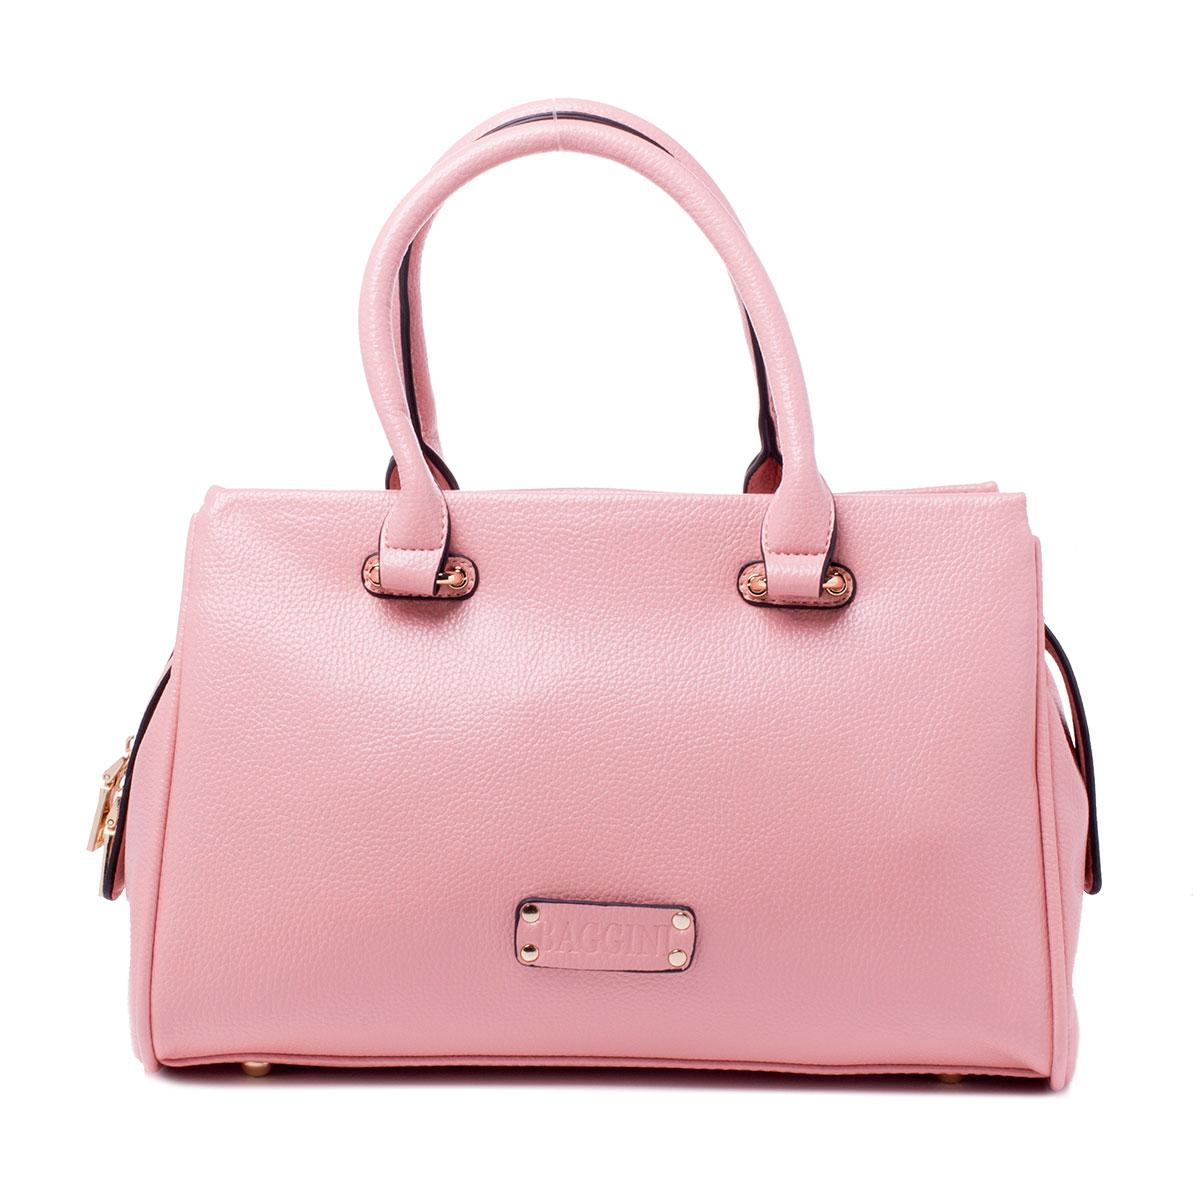 Сумка женская Baggini, цвет: розовый. 29791/63S76245Женская сумка Baggini выполнена из искусственной кожи.Изделие содержит одно отделение и закрывается на застежку-молнию. Внутри расположены два накладных кармана, врезной карман на застежке-молнии и карман-средник на молнии. Задняя сторона сумки дополнена врезным карманом на молнии. Сумка оснащена двумя удобными ручками средней высоты и съемным плечевым ремнем. Дно сумки дополнено металлическими ножками.